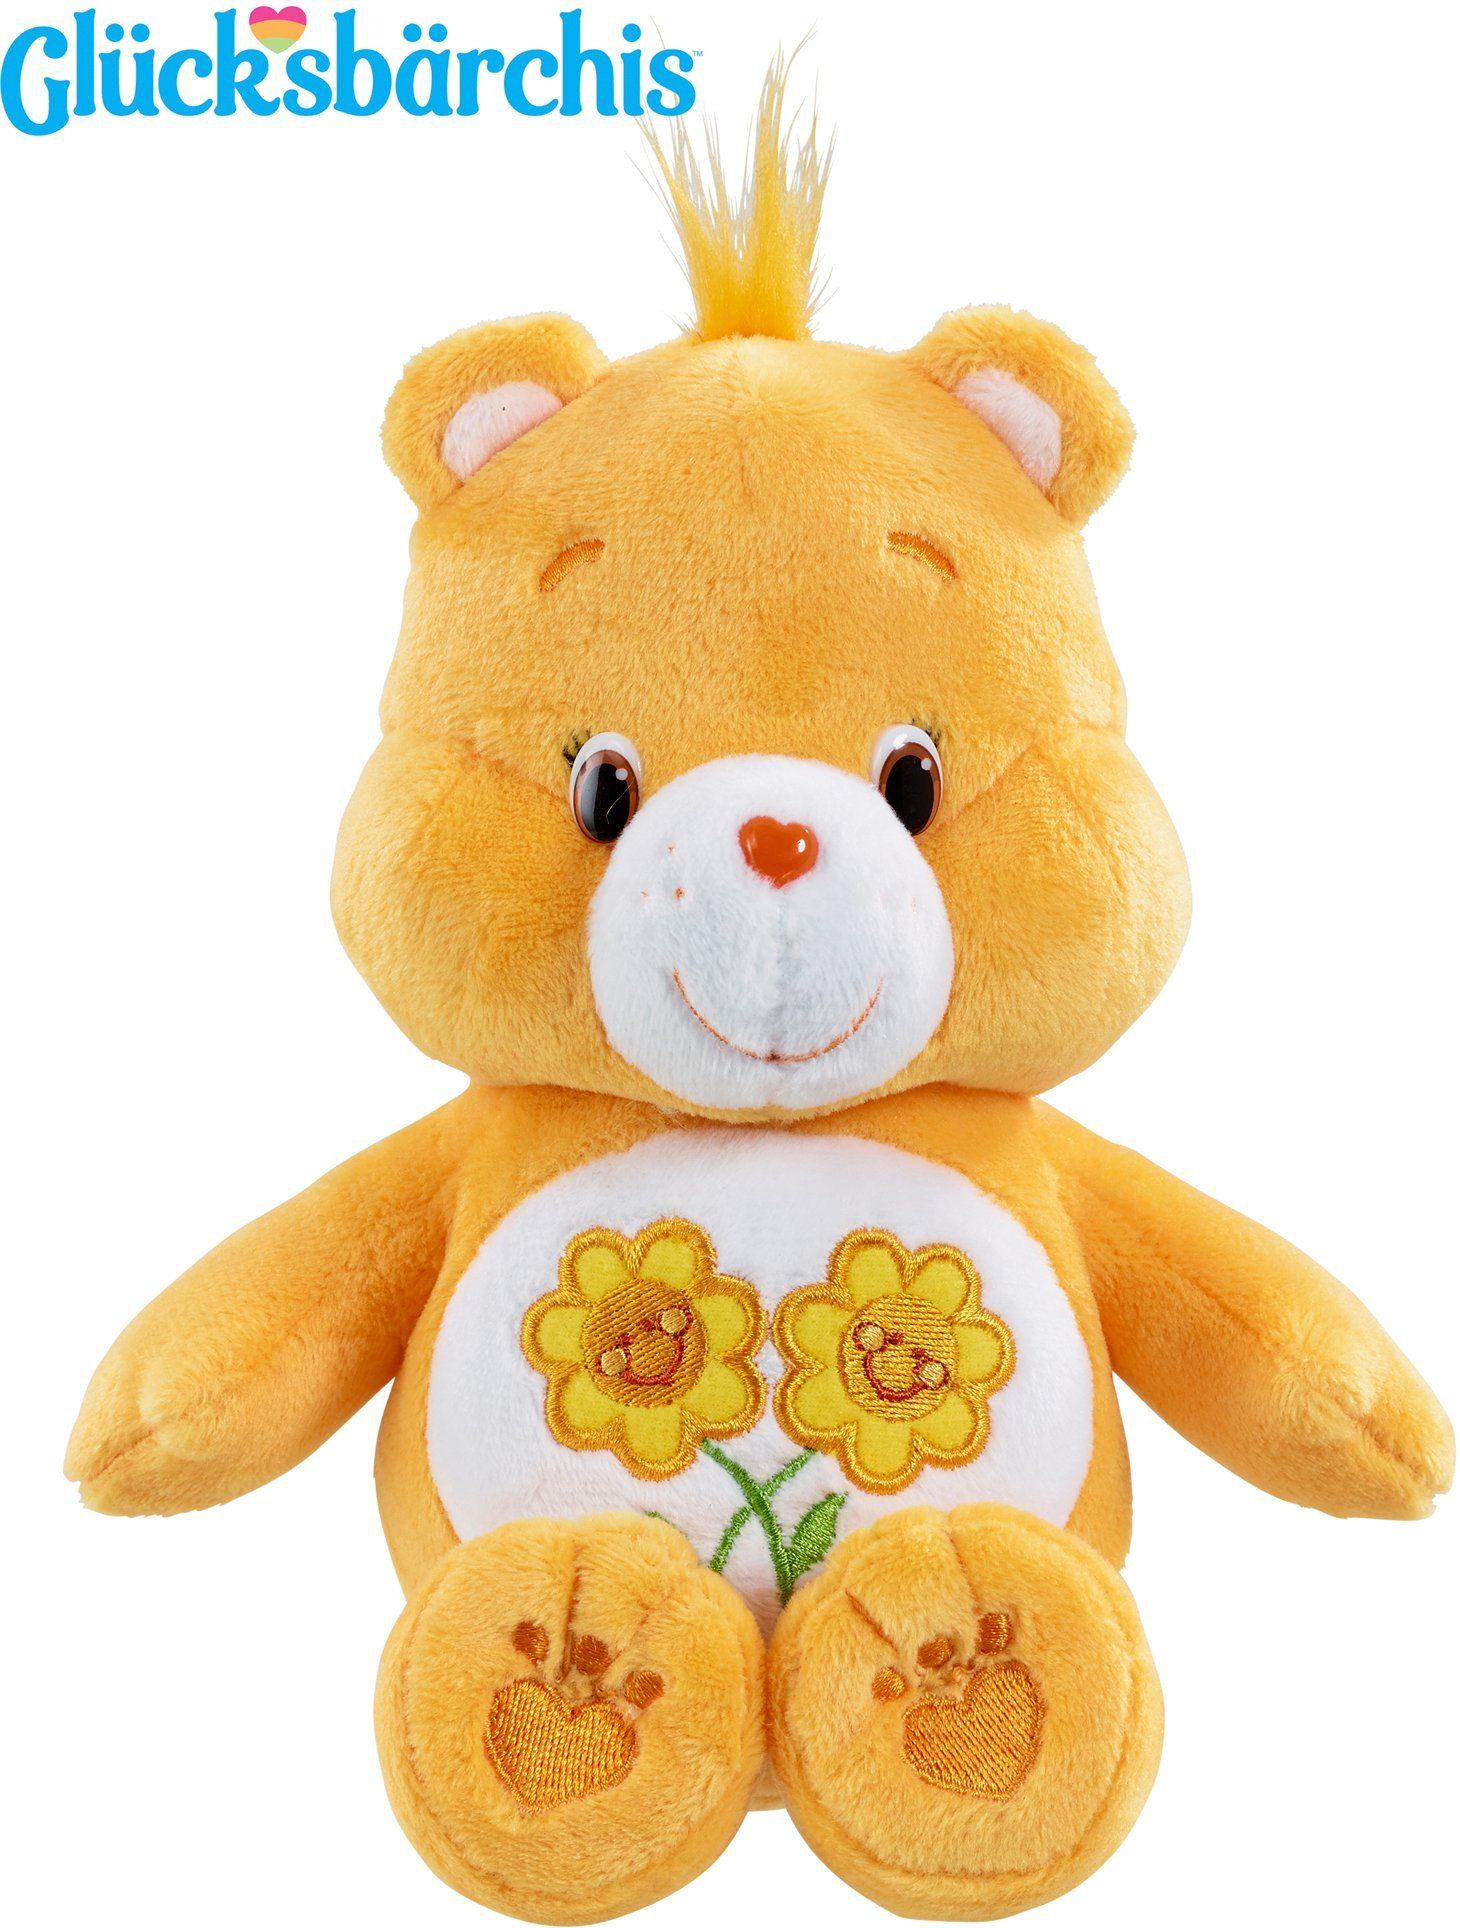 Vivid Teddy aus Plüsch, »Glücksbärchis Bean Bag Freundschaftsbärchi «